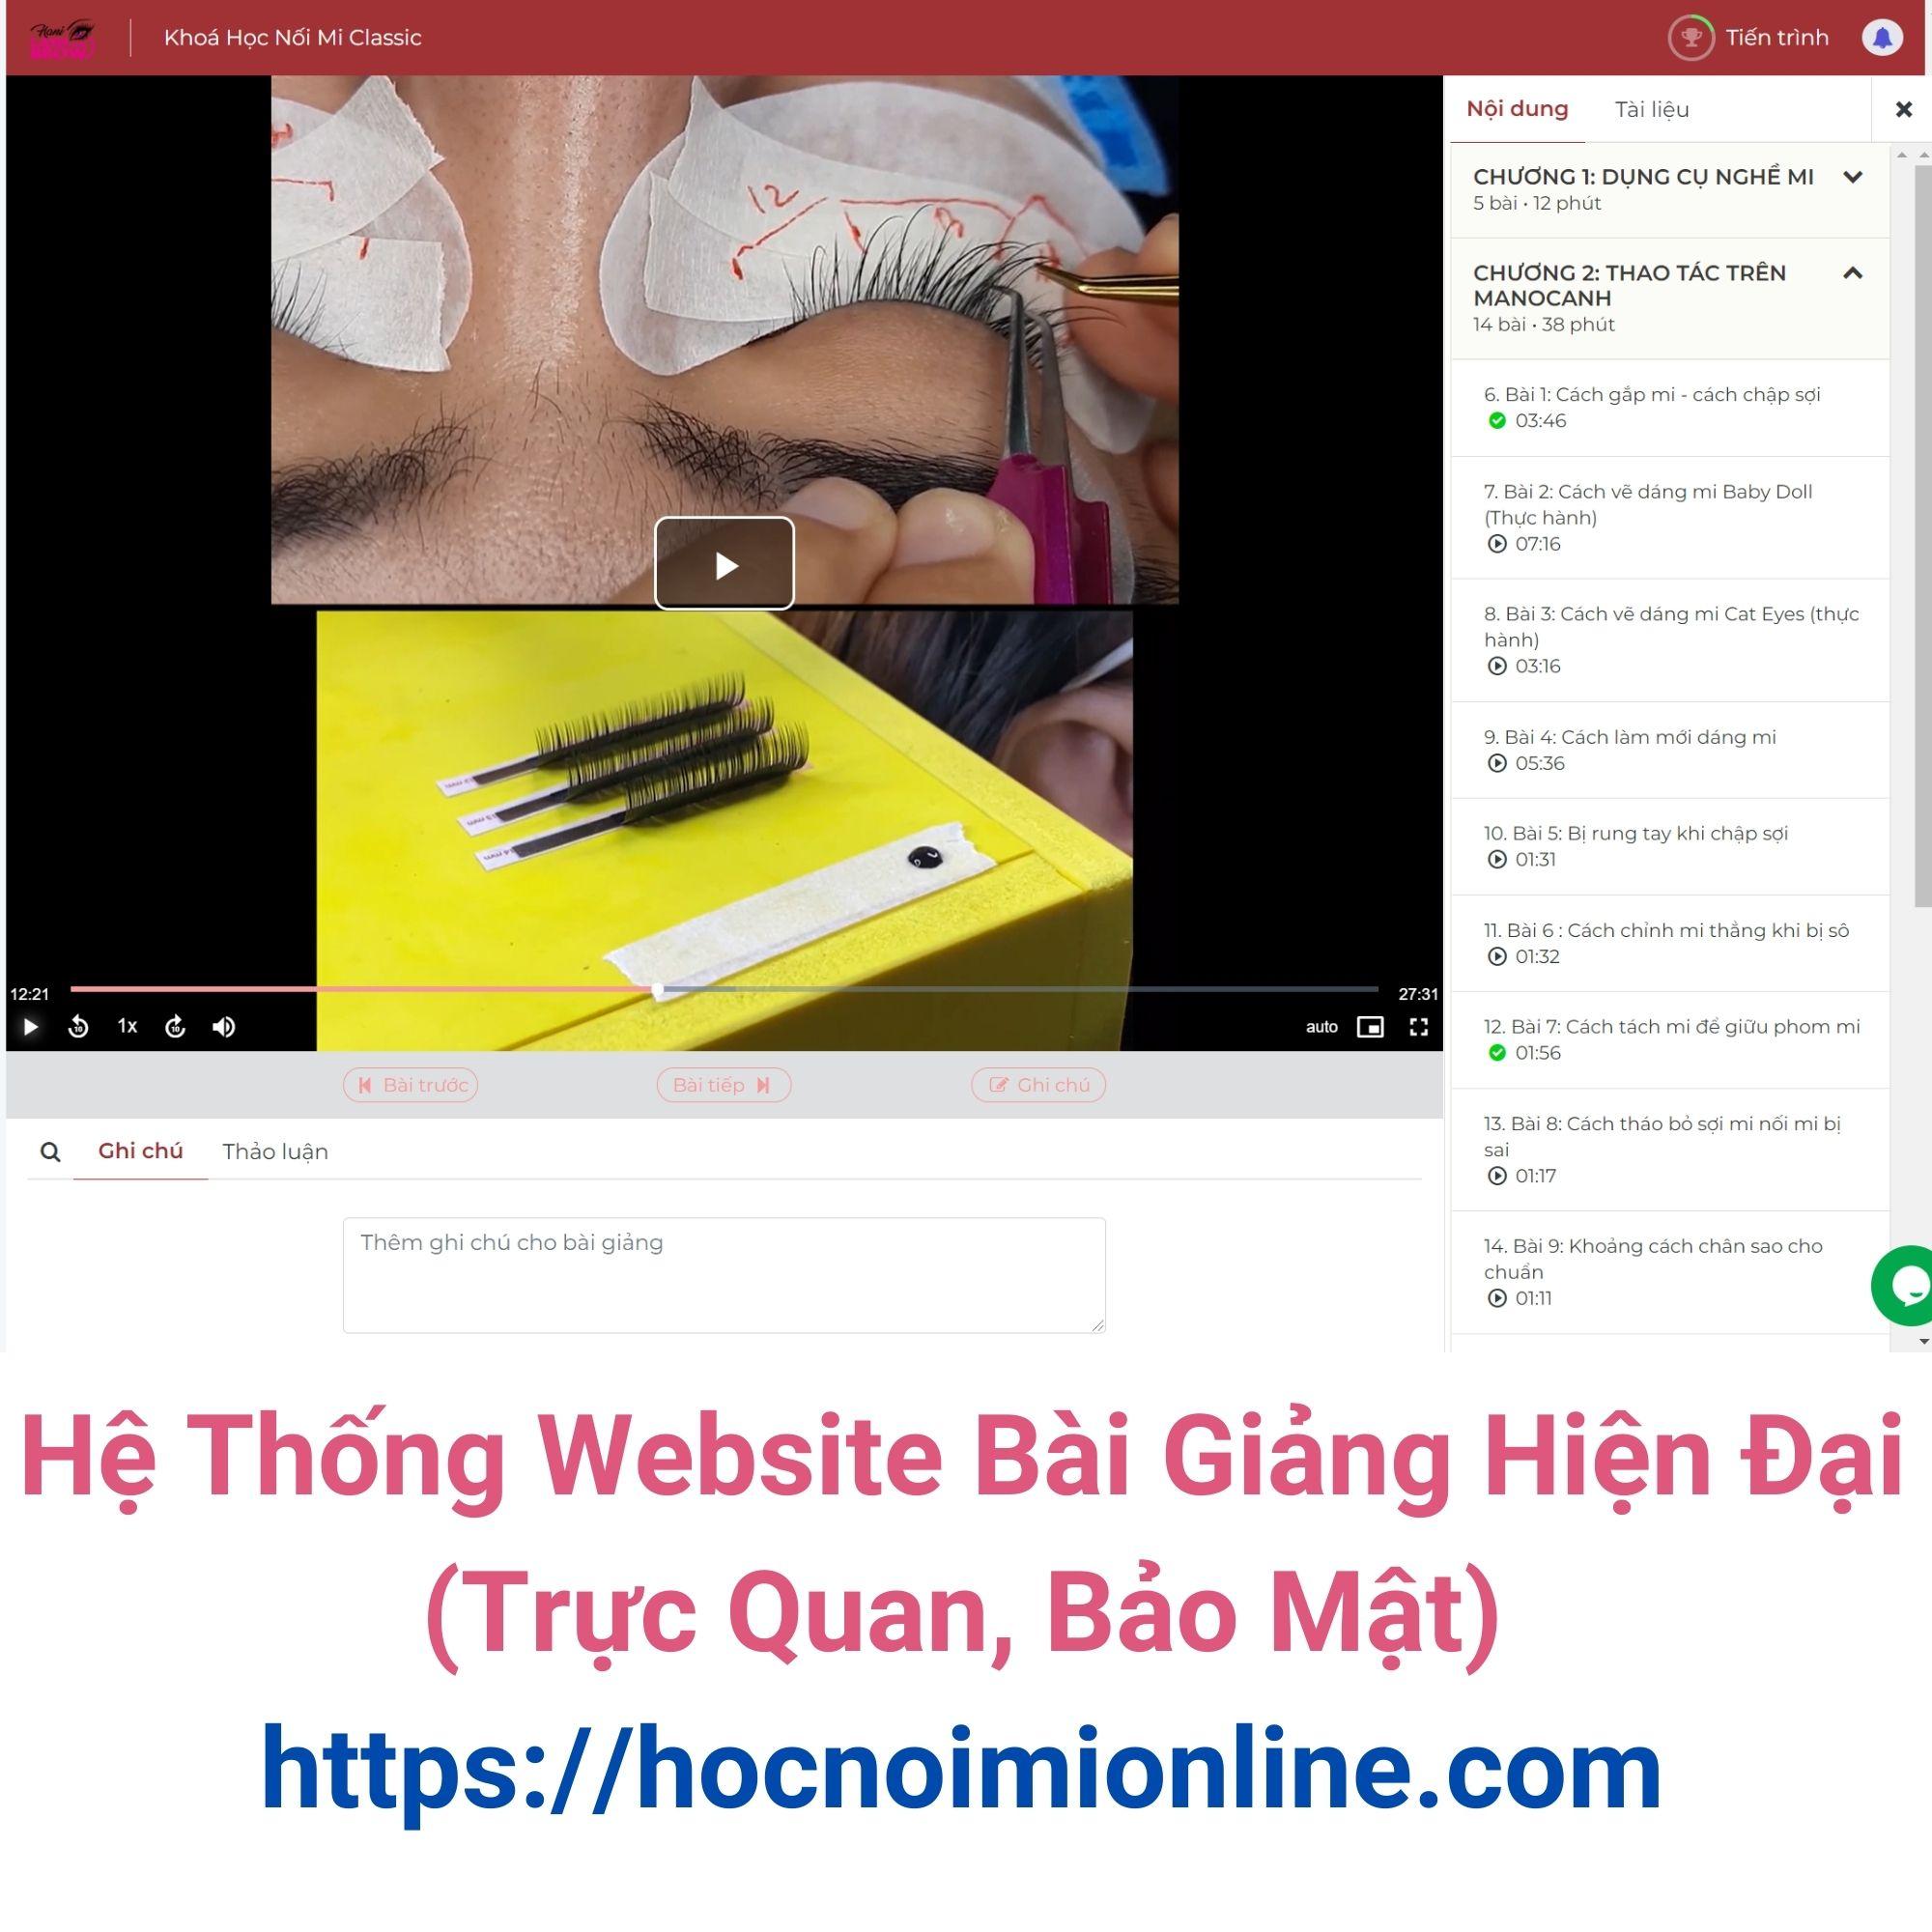 Bộ Dụng Cụ Nối Mi Classic + Khoá Học Nối Mi Classic Online (Ms. Hani Trực Tiếp Dạy)